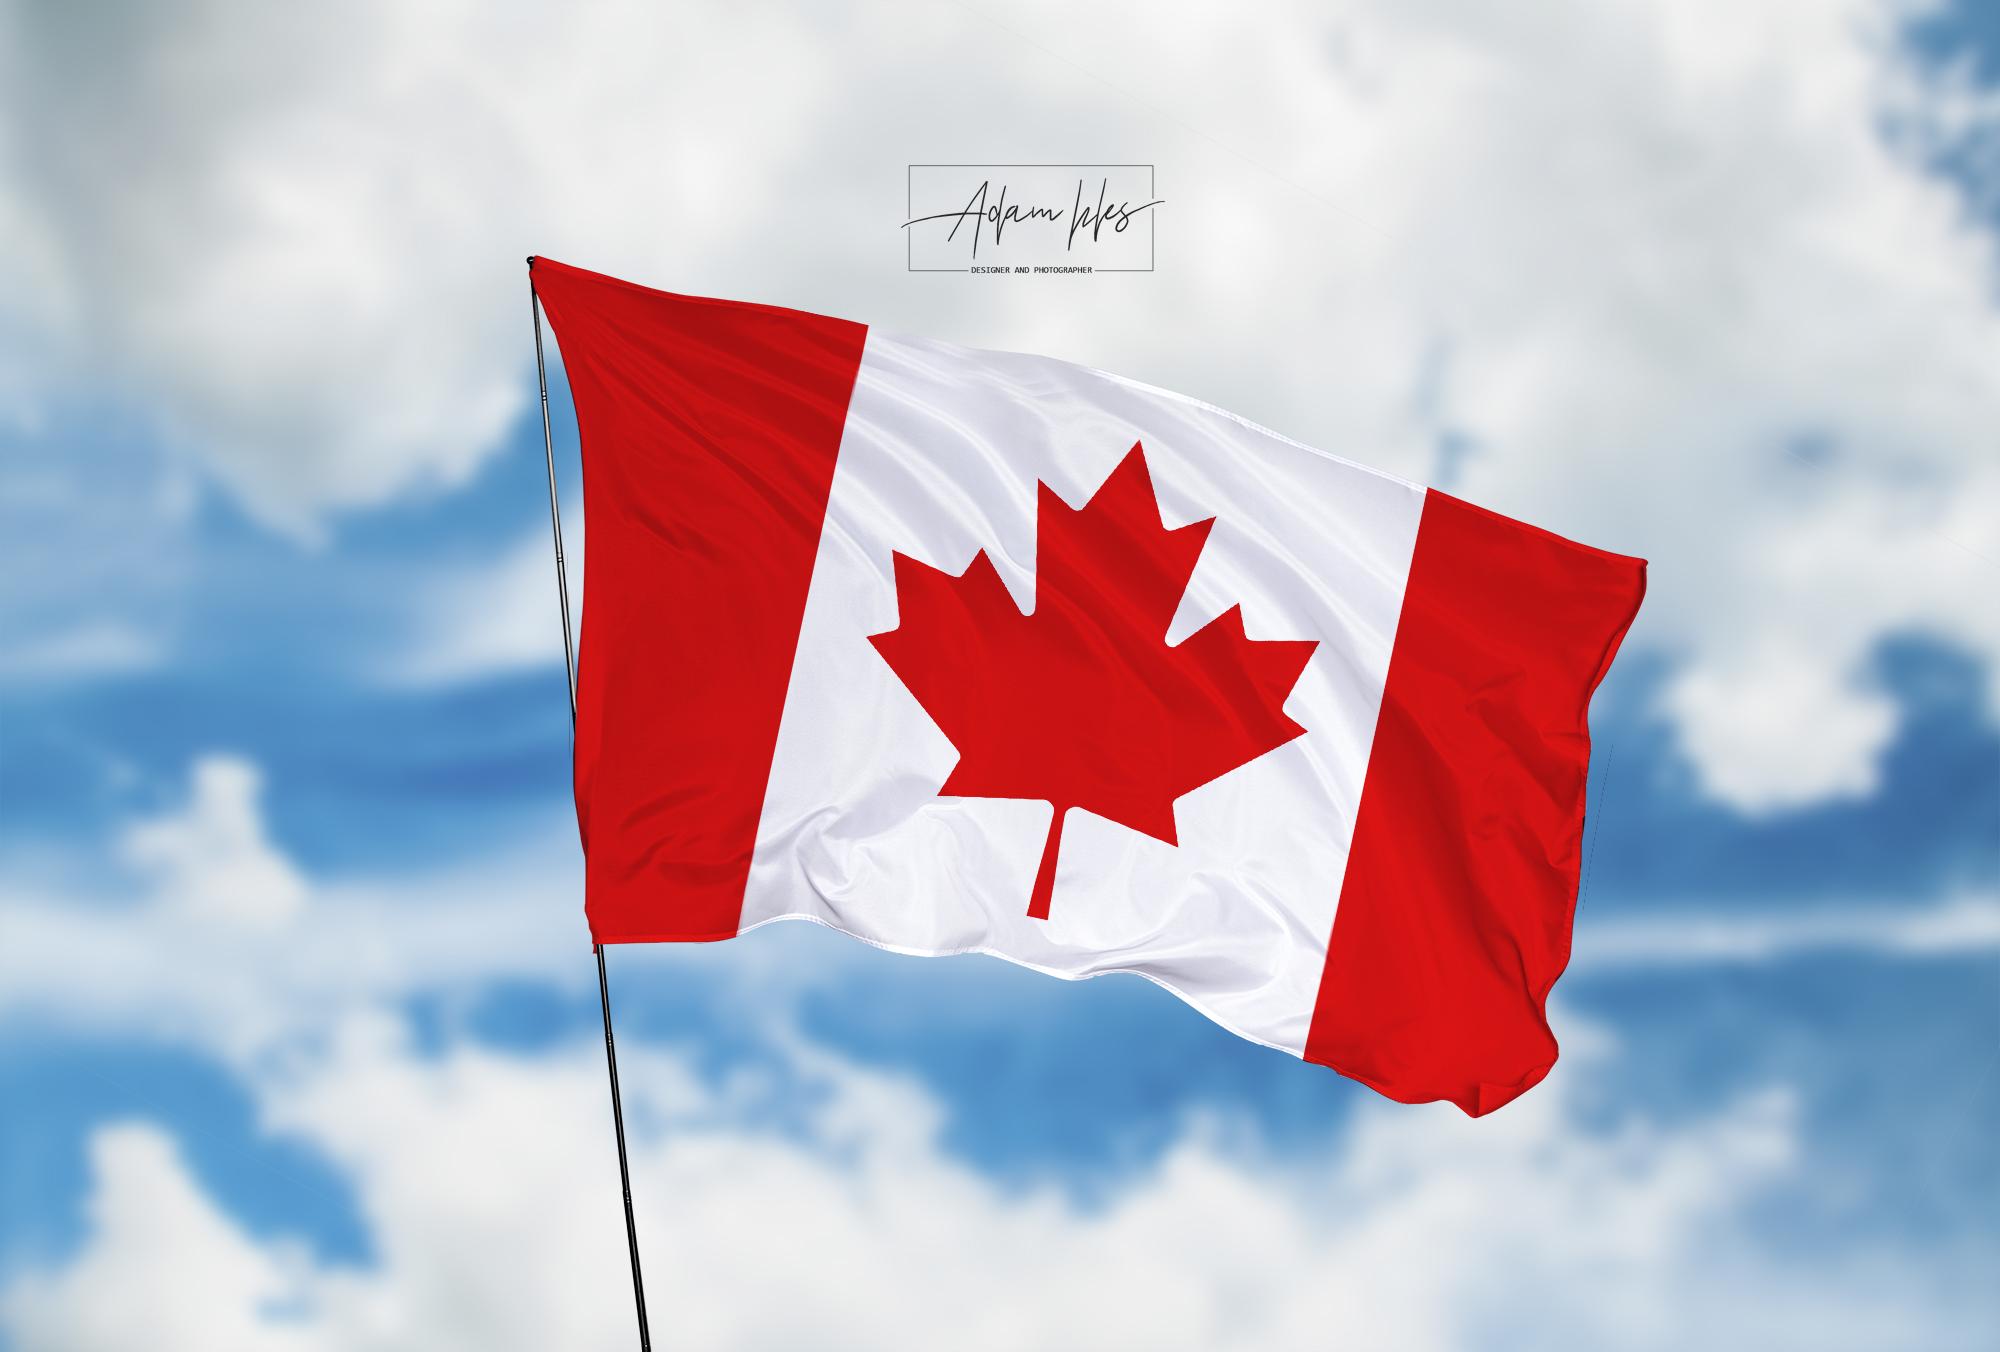 تحميل اجمل خلفية علم كندا يرفرف في السماء - اجمل خلفيات كندا الرائعة